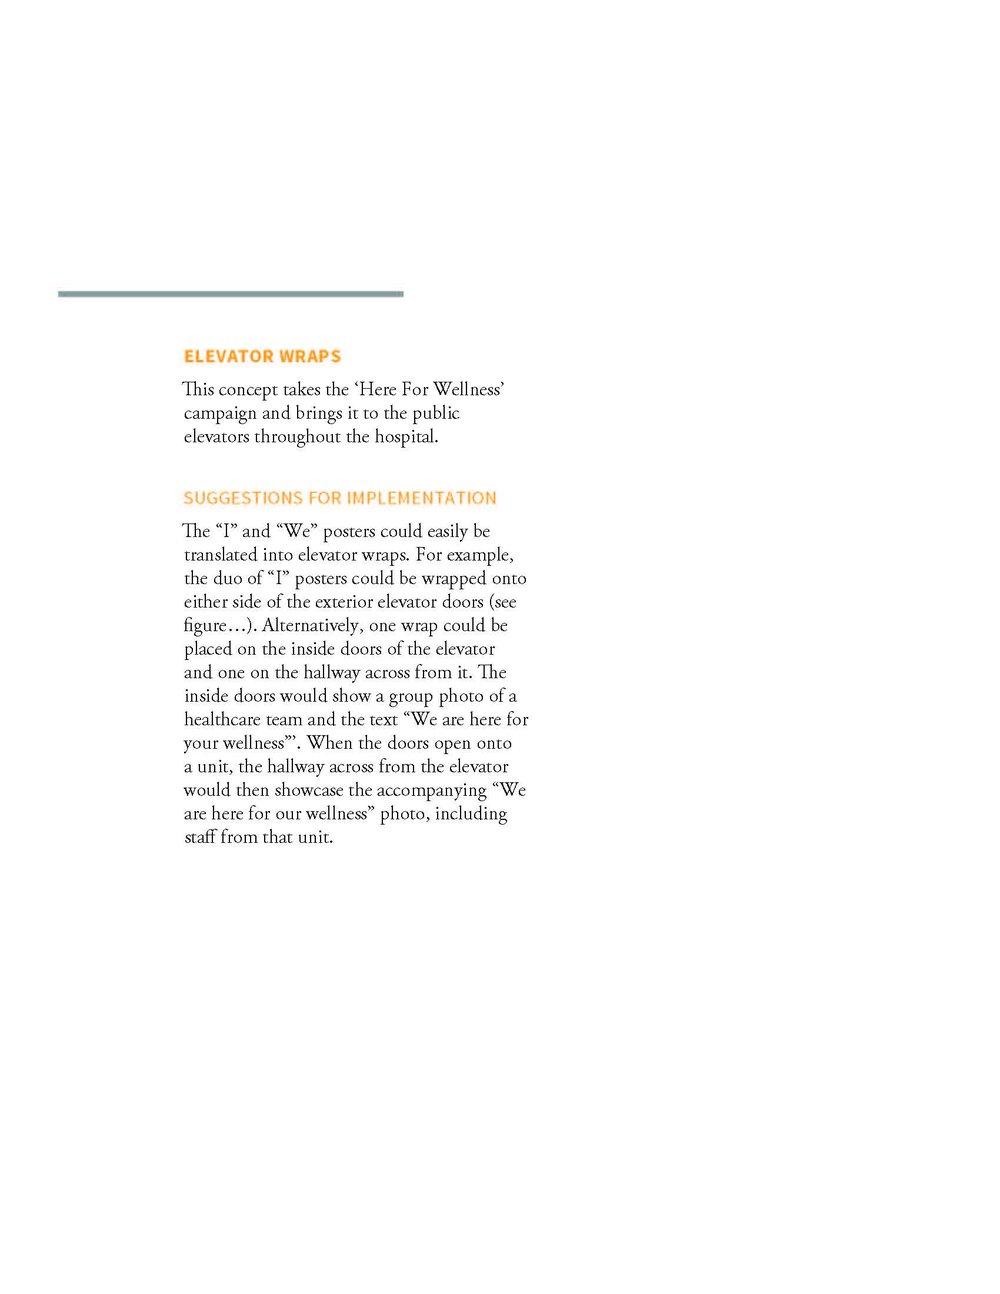 Copy of HDL_Fraser_Health_V4_Page_42.jpg